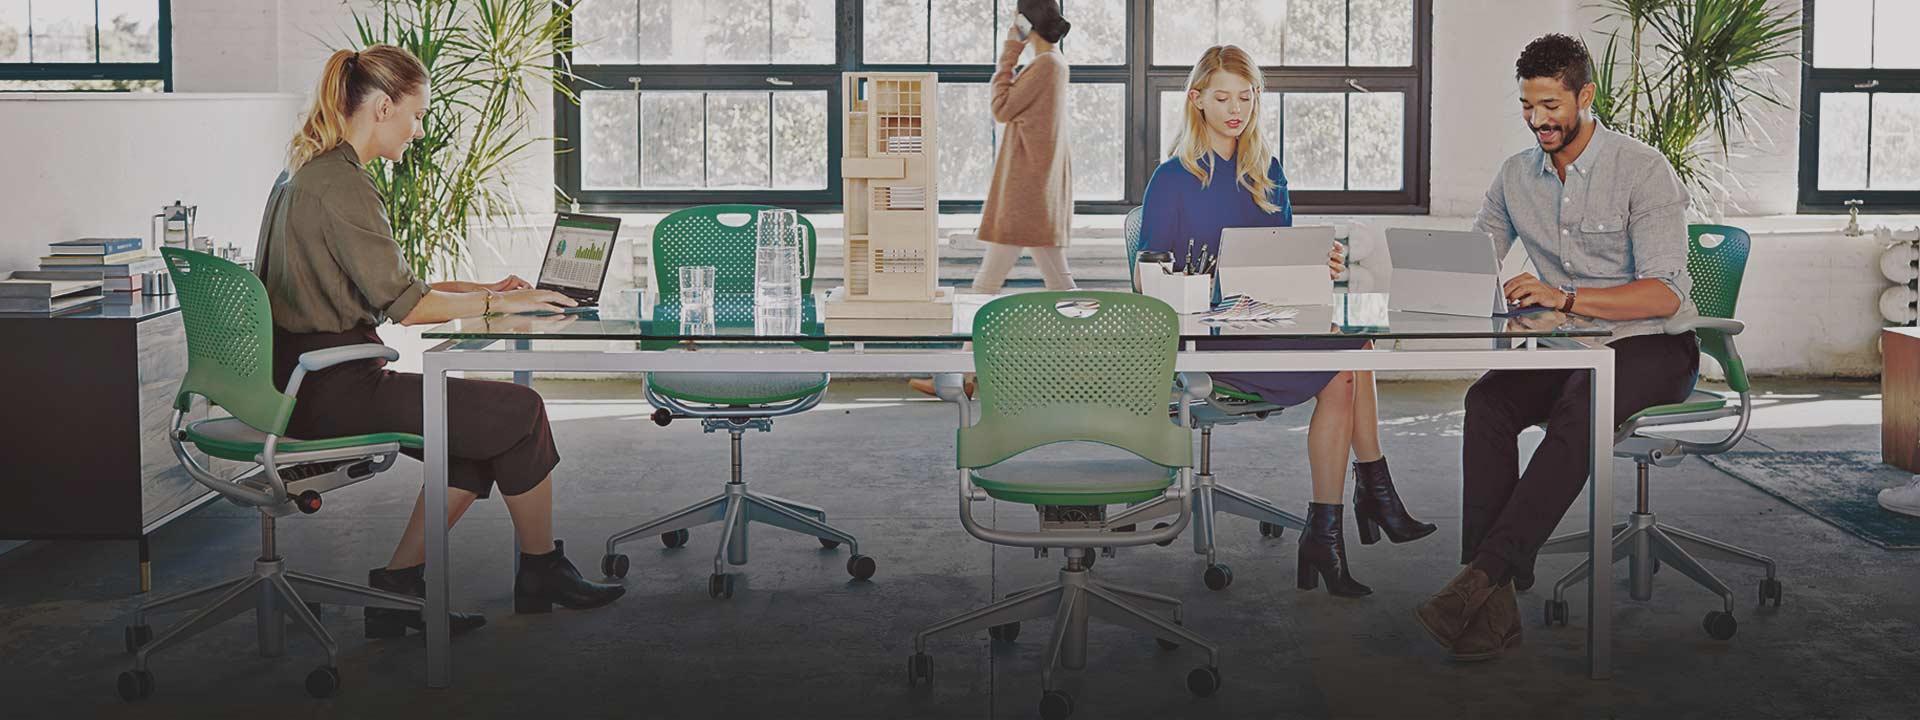 Persone che lavorano, scopri di più su Office 365